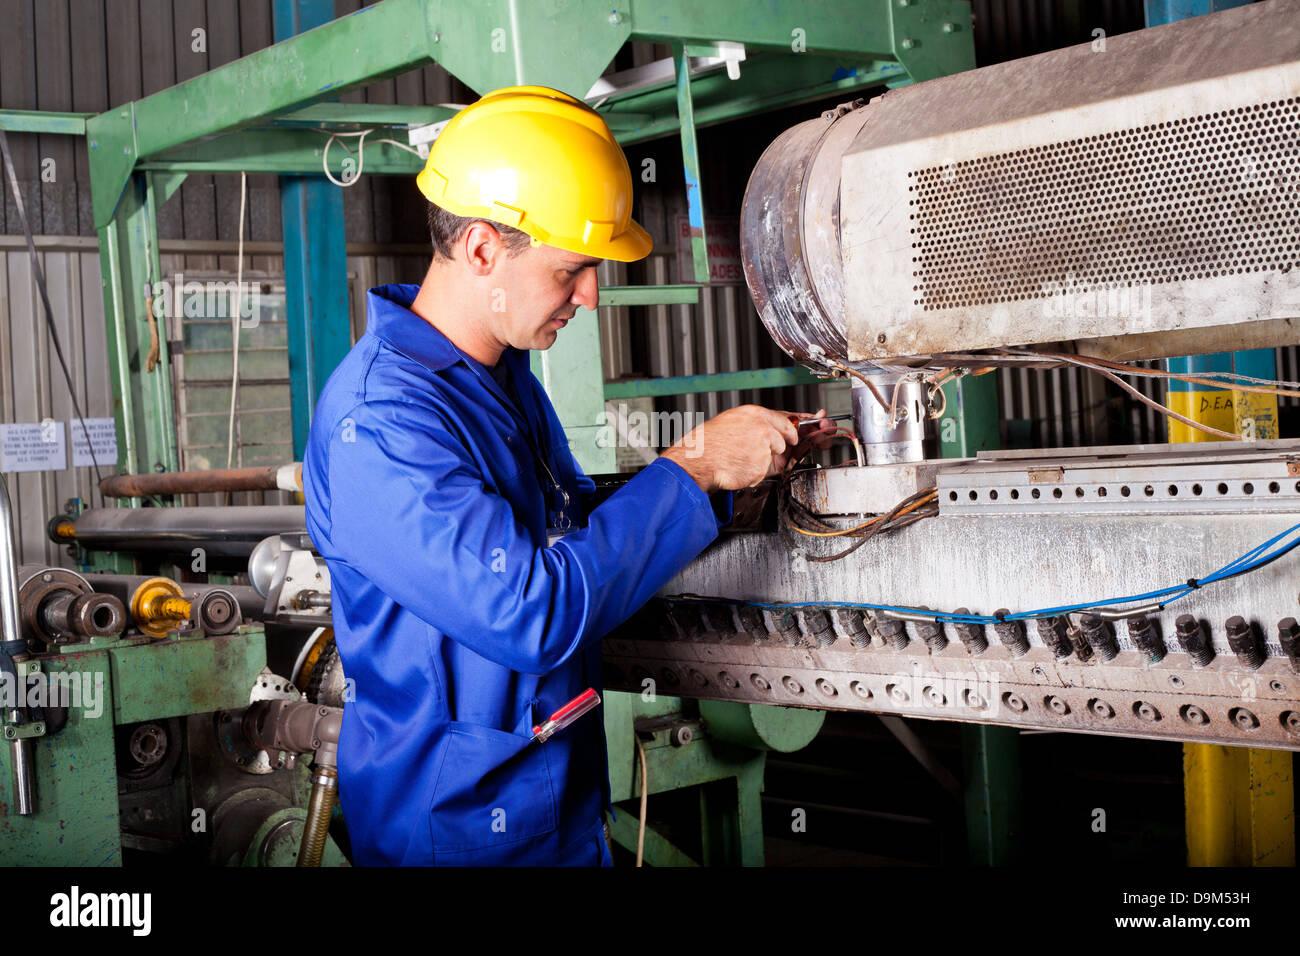 Industriemechaniker Reparatur Schwerindustrie Maschine im Werk Stockbild